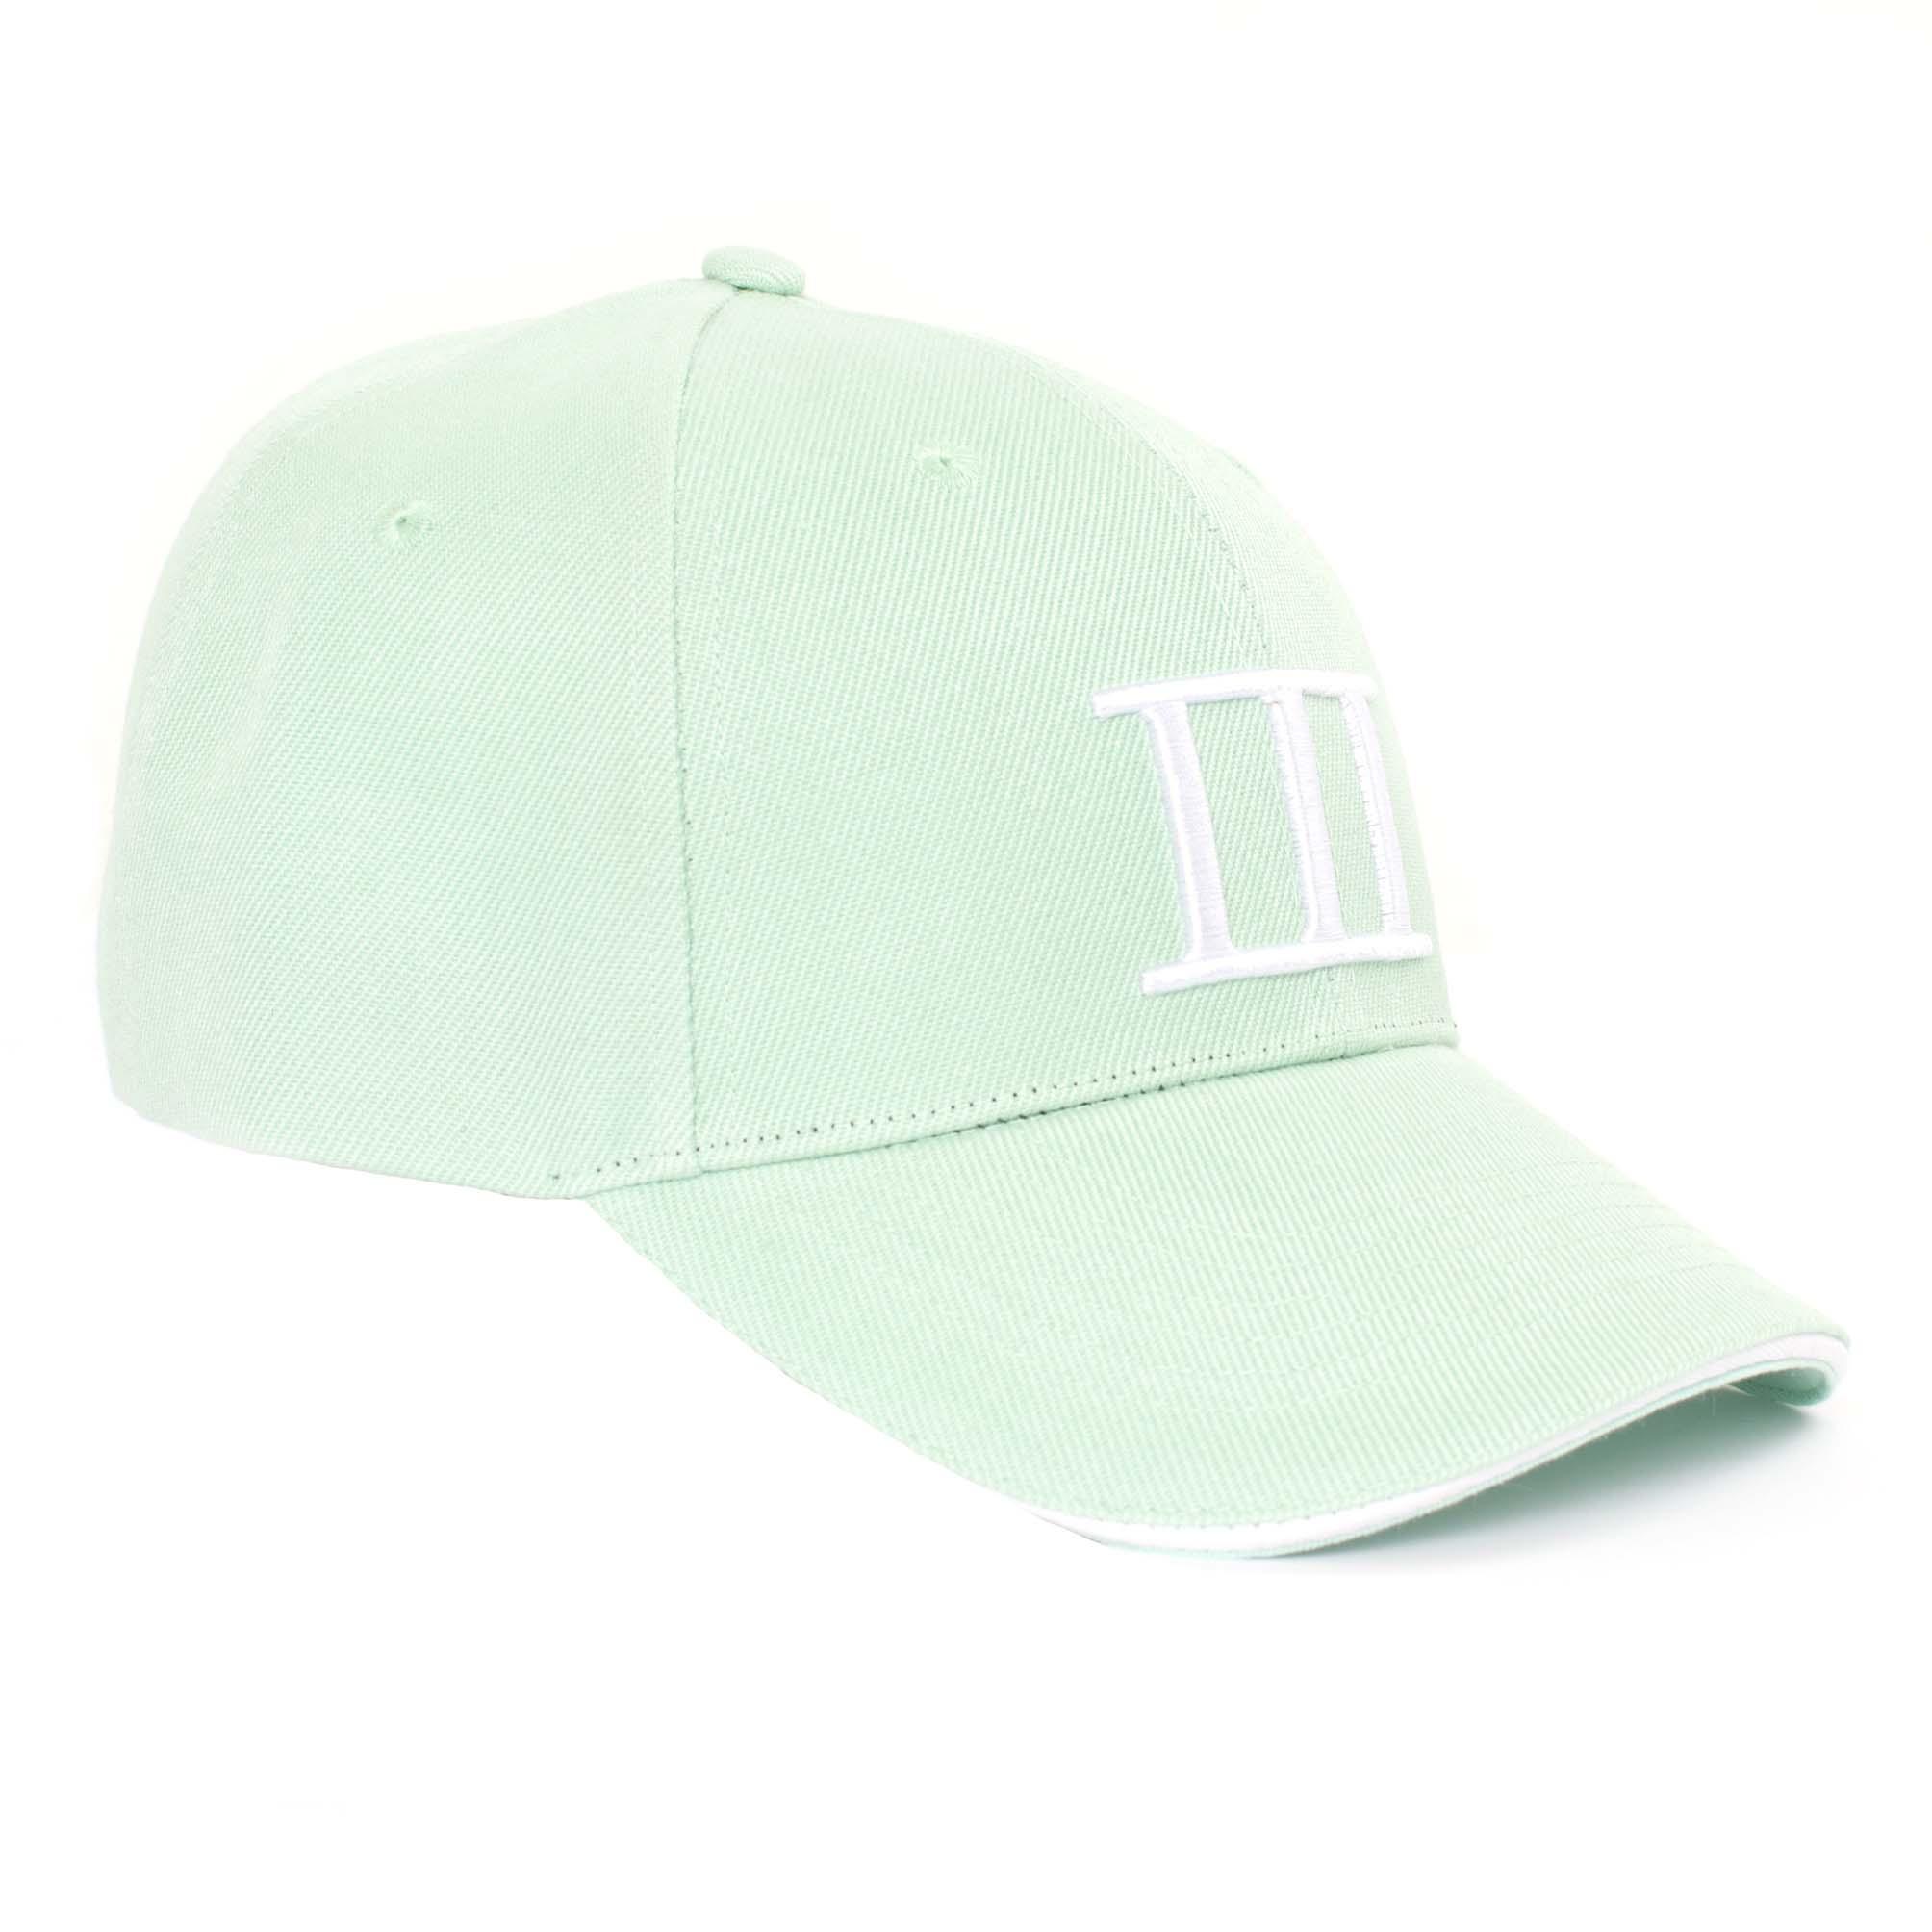 Cap branded Tresanti mint green